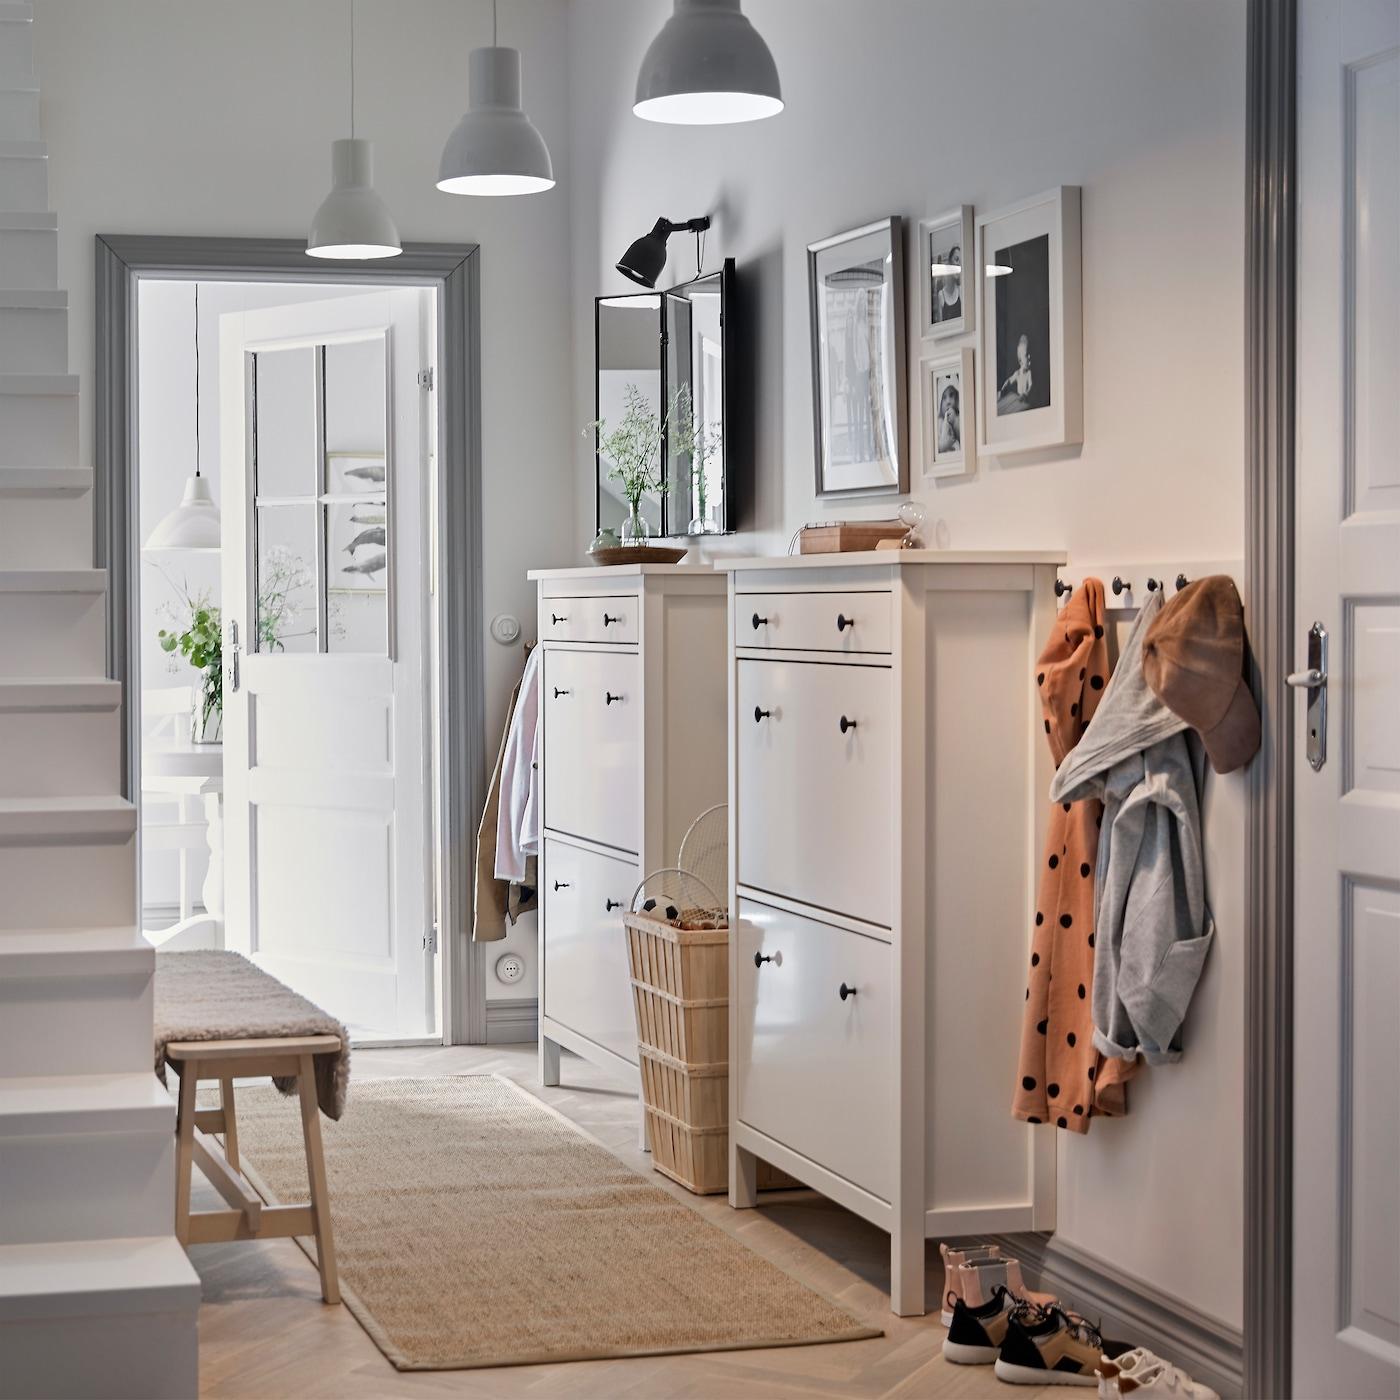 Koti kengille, avaimille ja pikkukolikoille IKEA